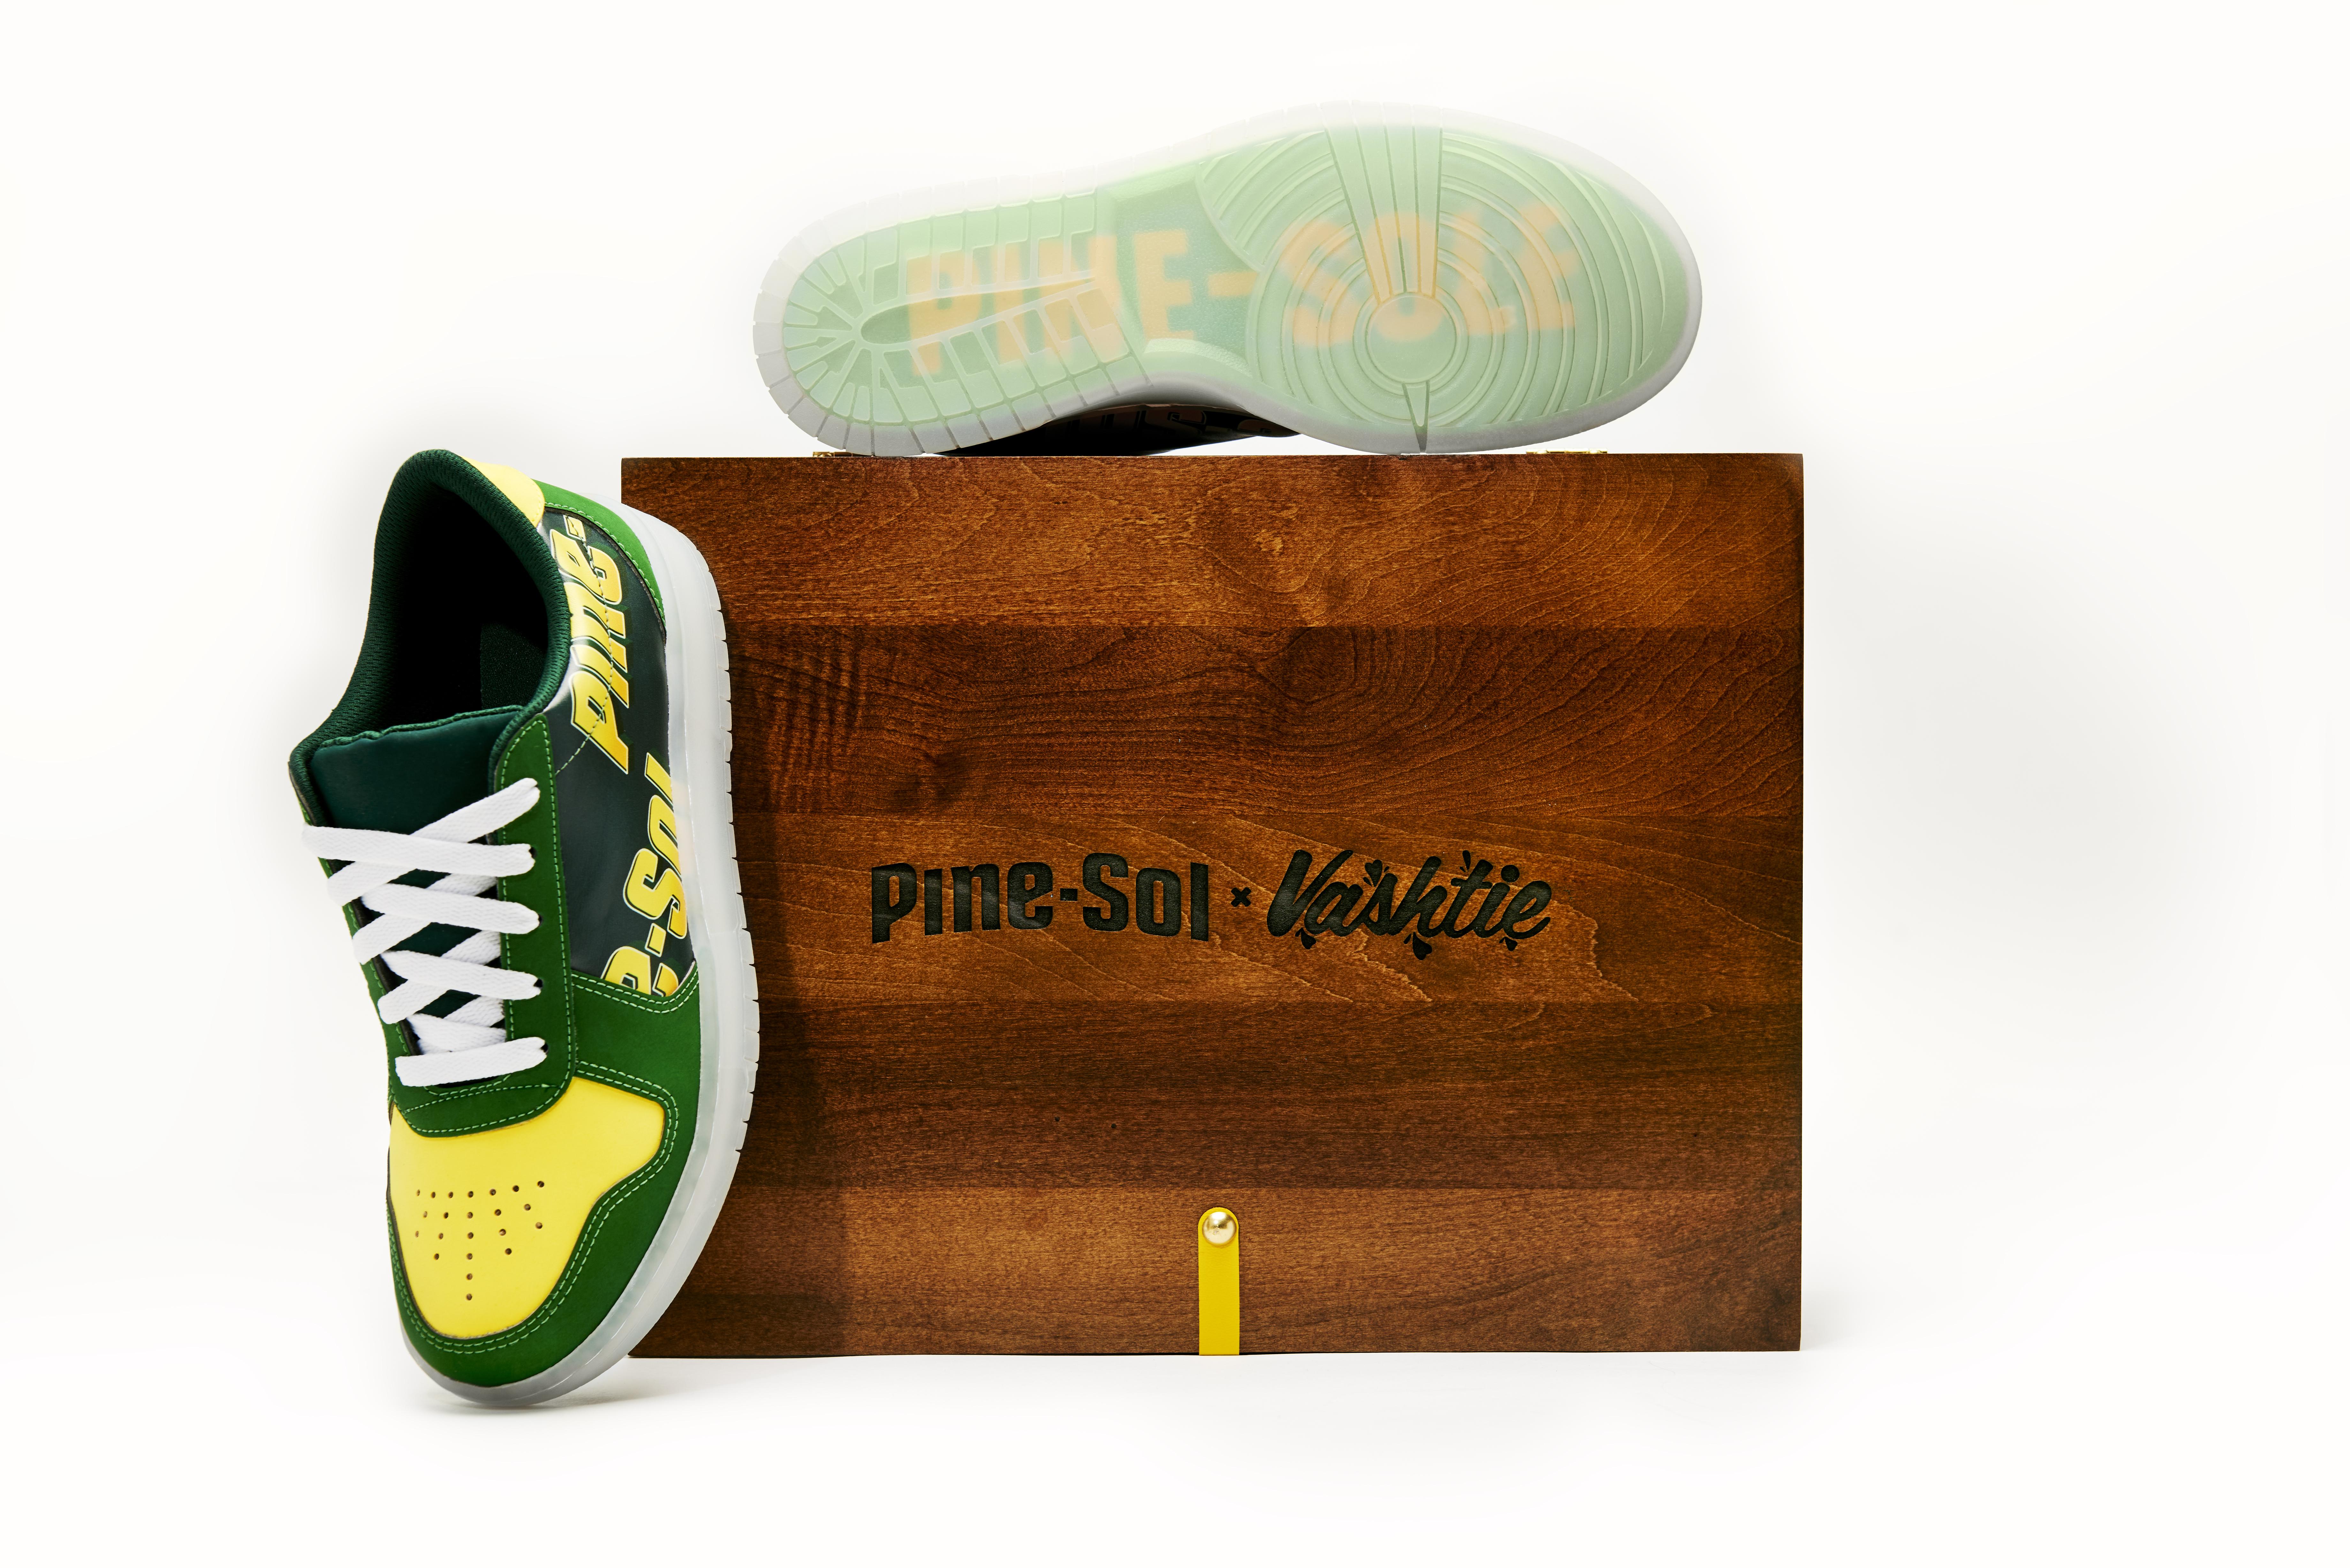 Pine-Sol/Vashtie